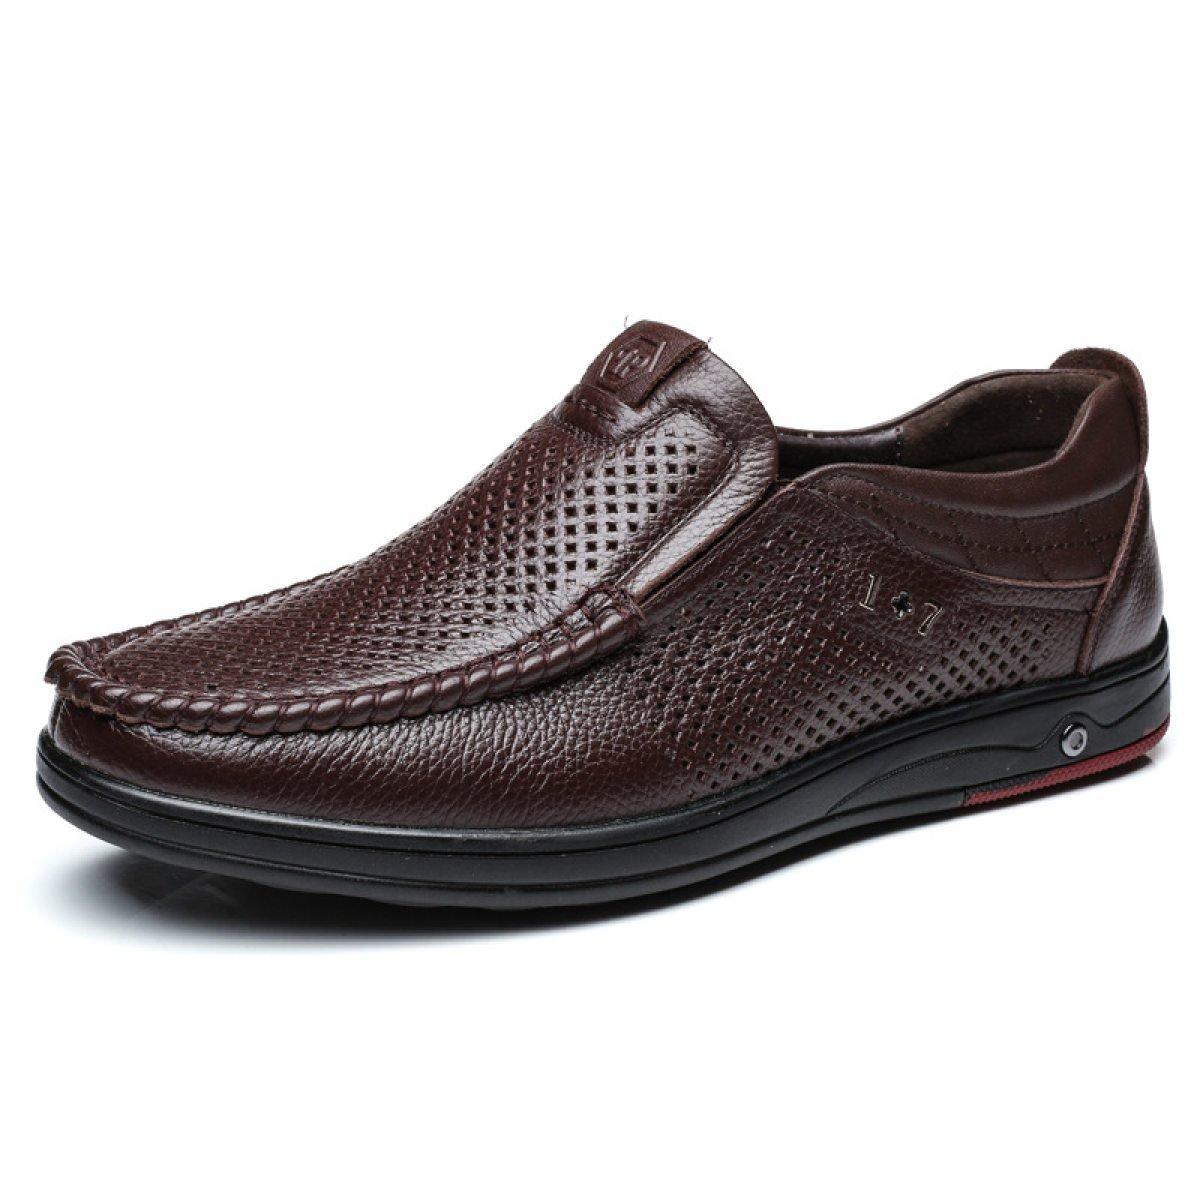 Hombres Casual Cuero Sandalias Agujeros Zapatos Huecos Transpirable Antideslizante Zapatos 40|Brown Brown